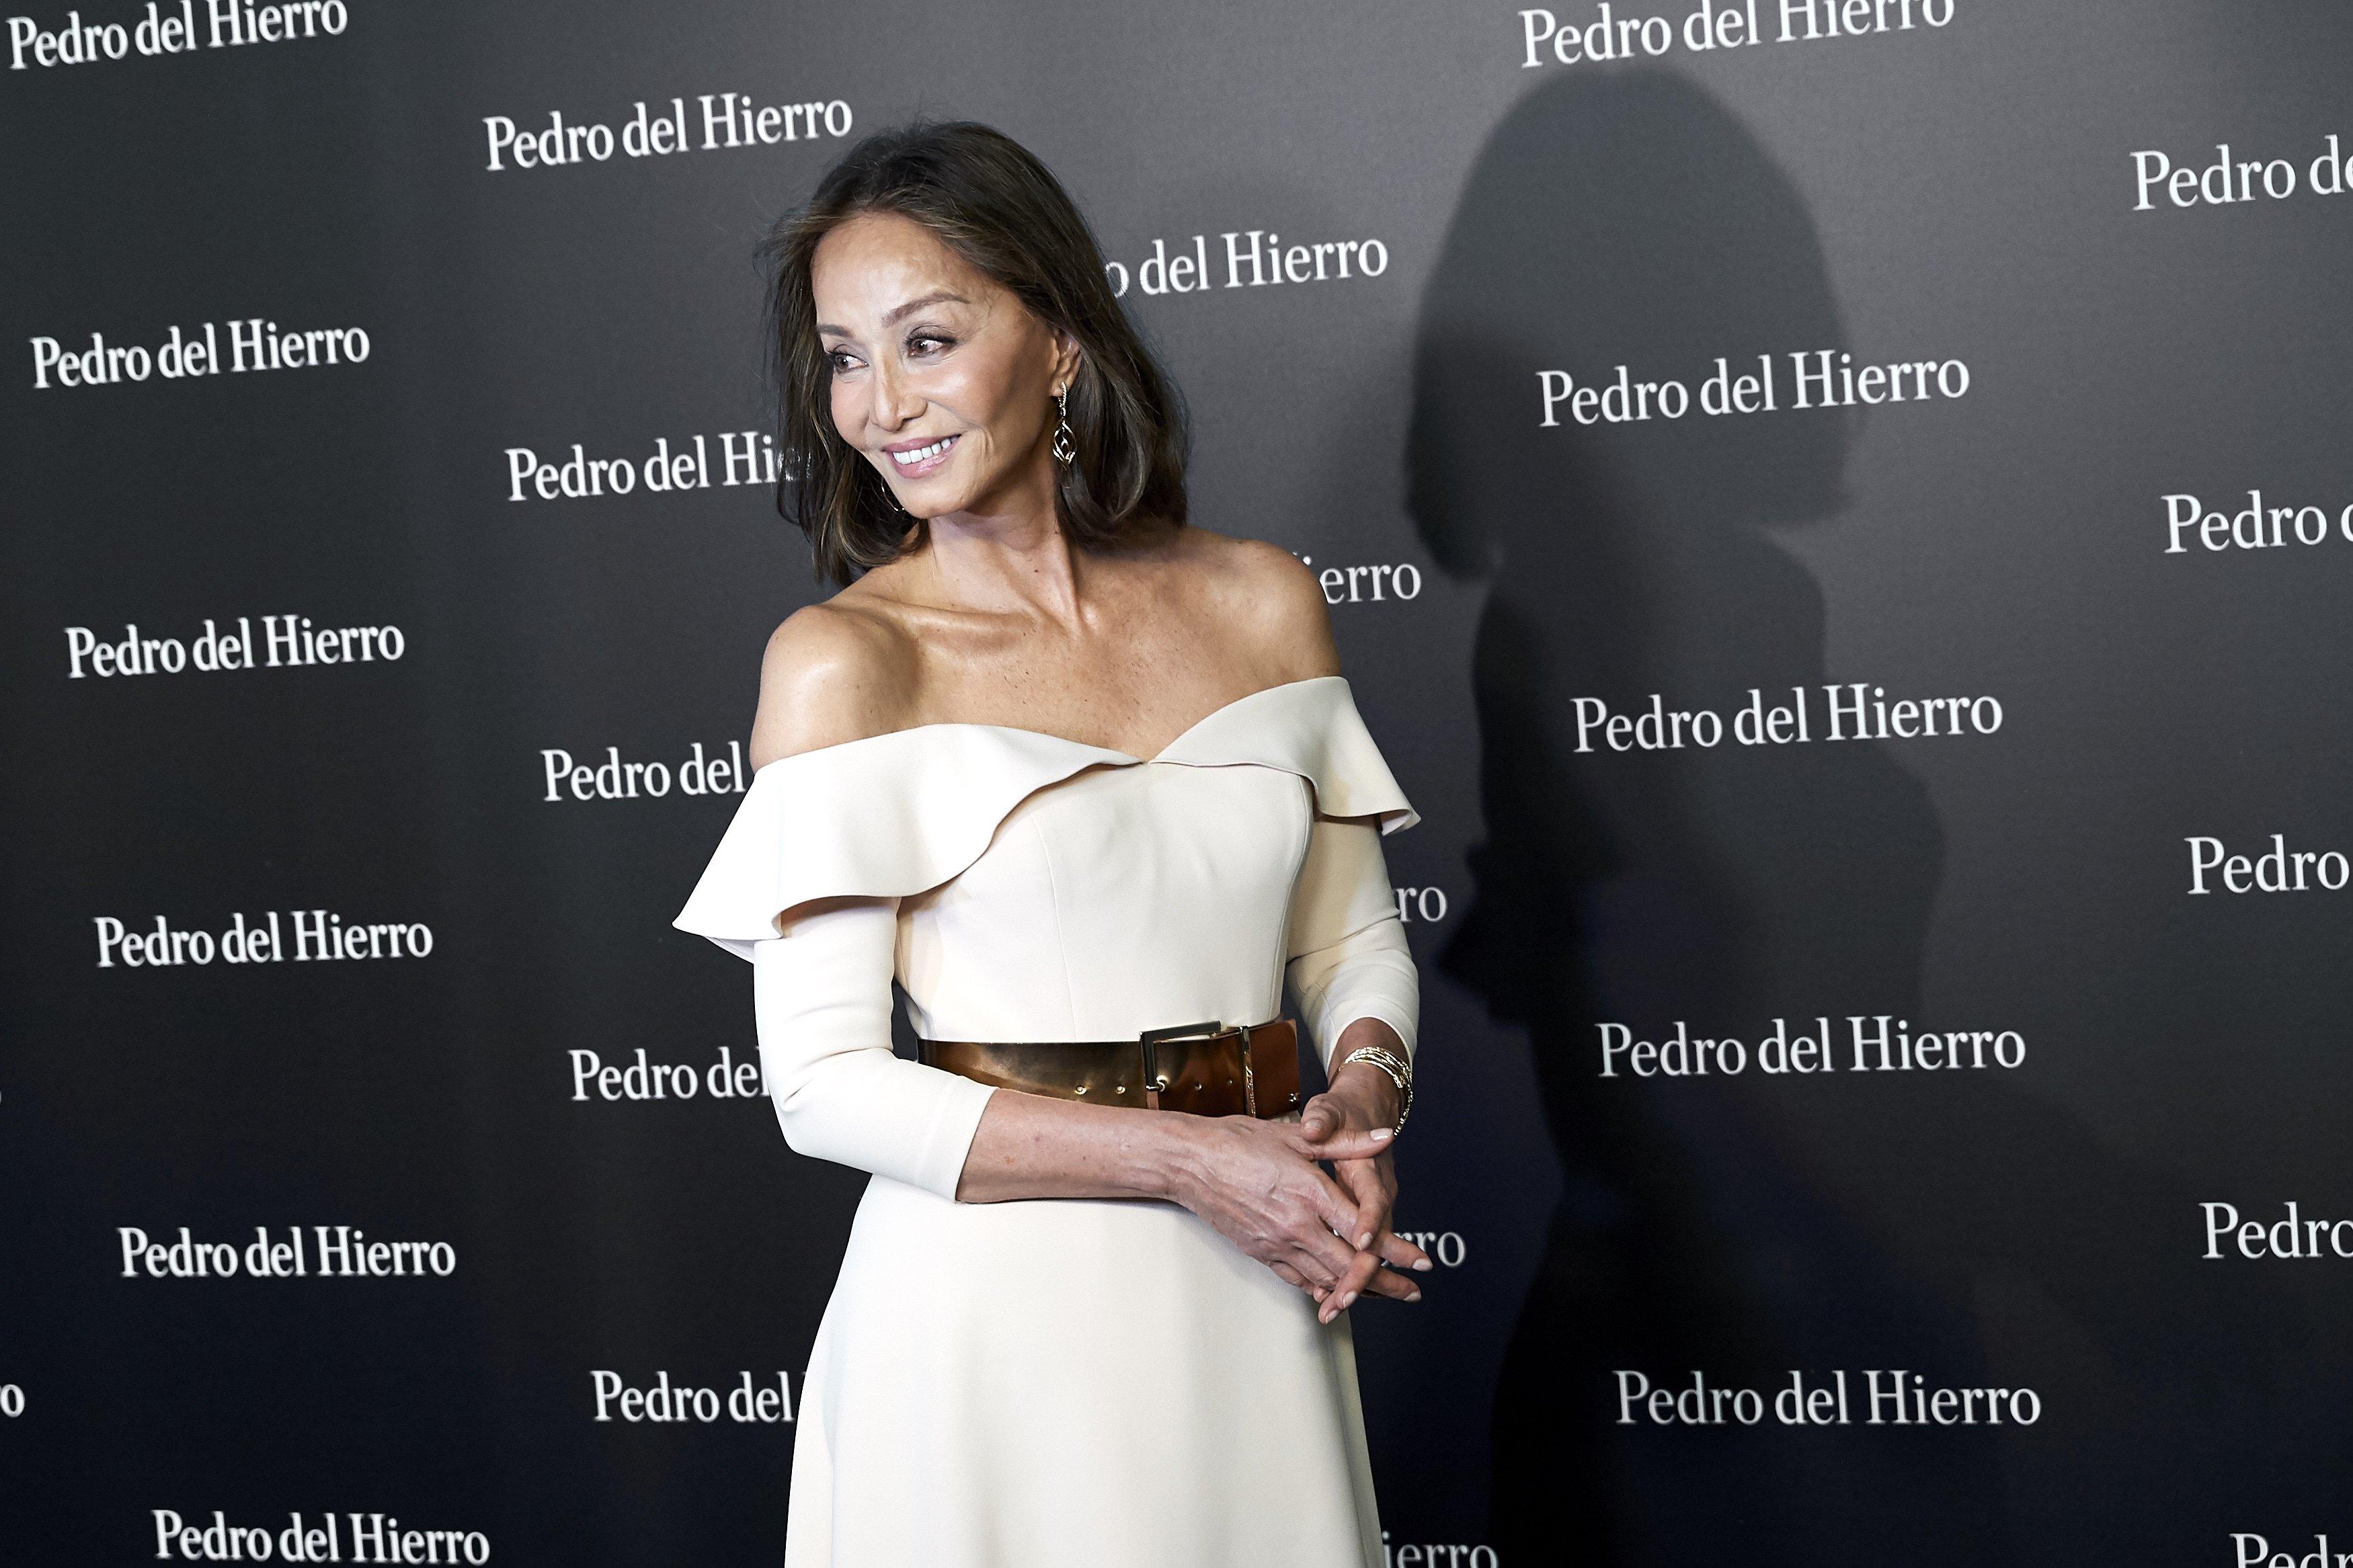 Isabel Preysler en el debut de la colección de Pedro del Hierro    Fuente: Getty Images